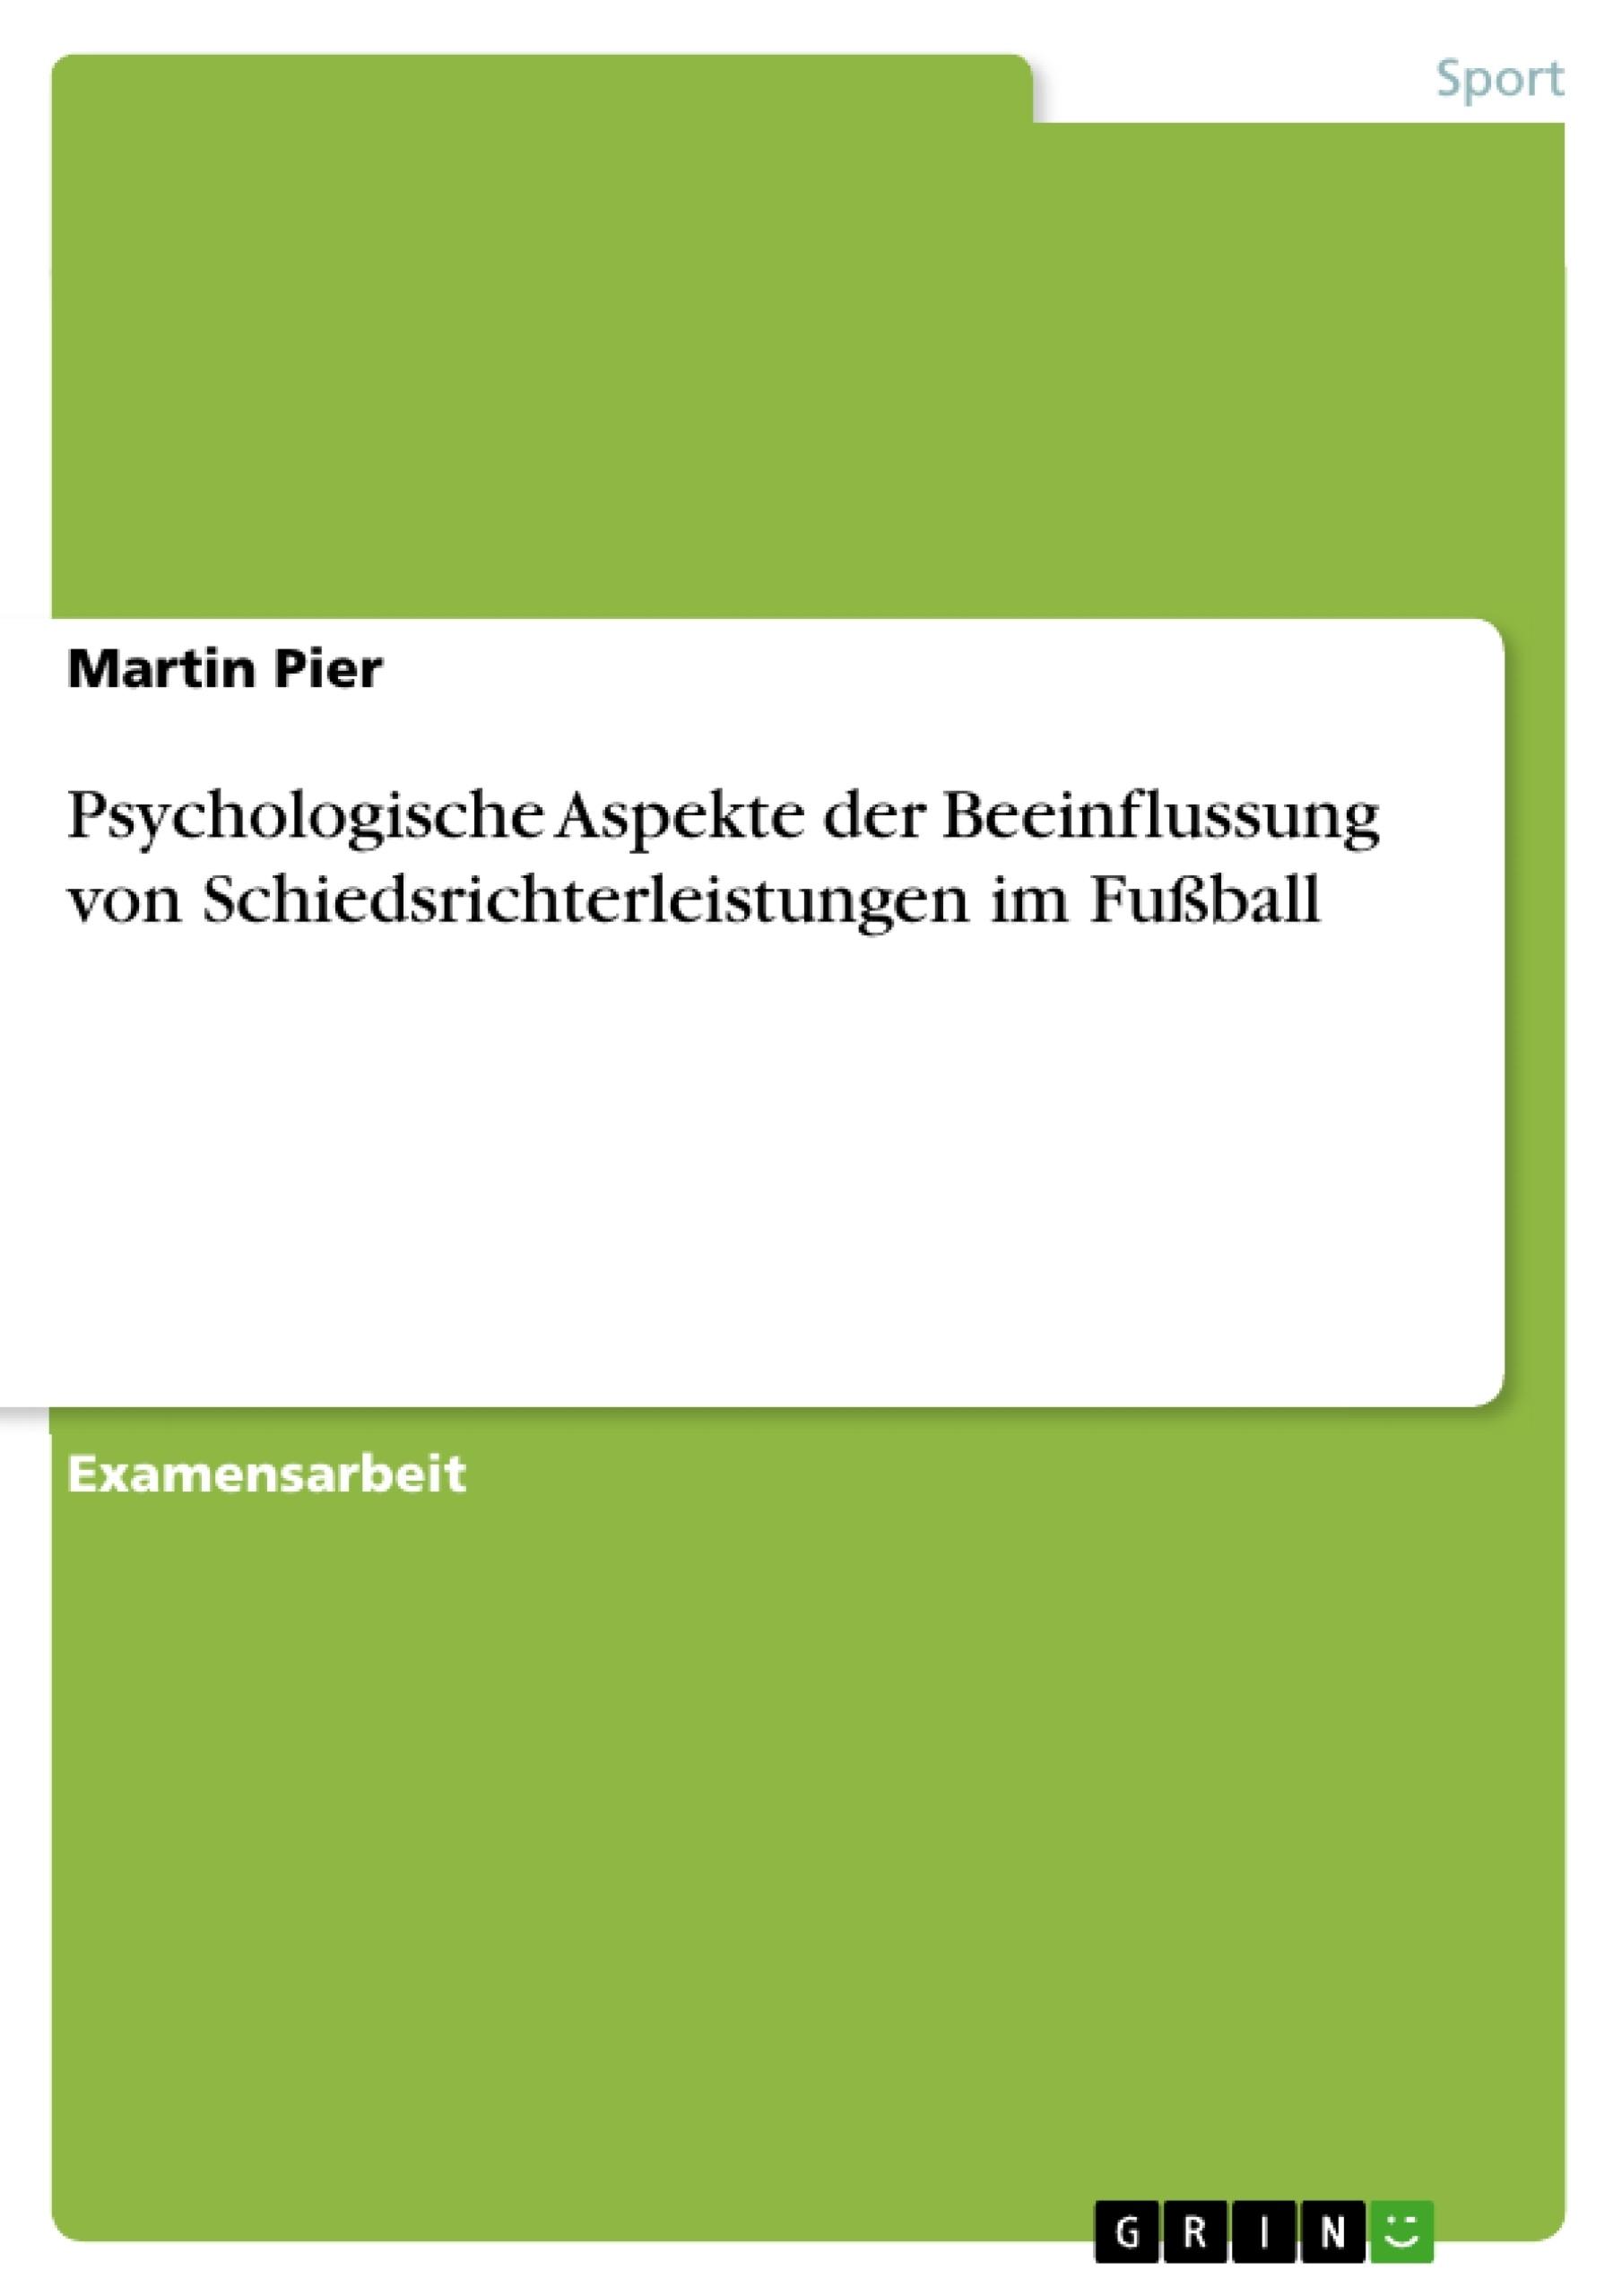 Titel: Psychologische Aspekte der Beeinflussung von Schiedsrichterleistungen im Fußball